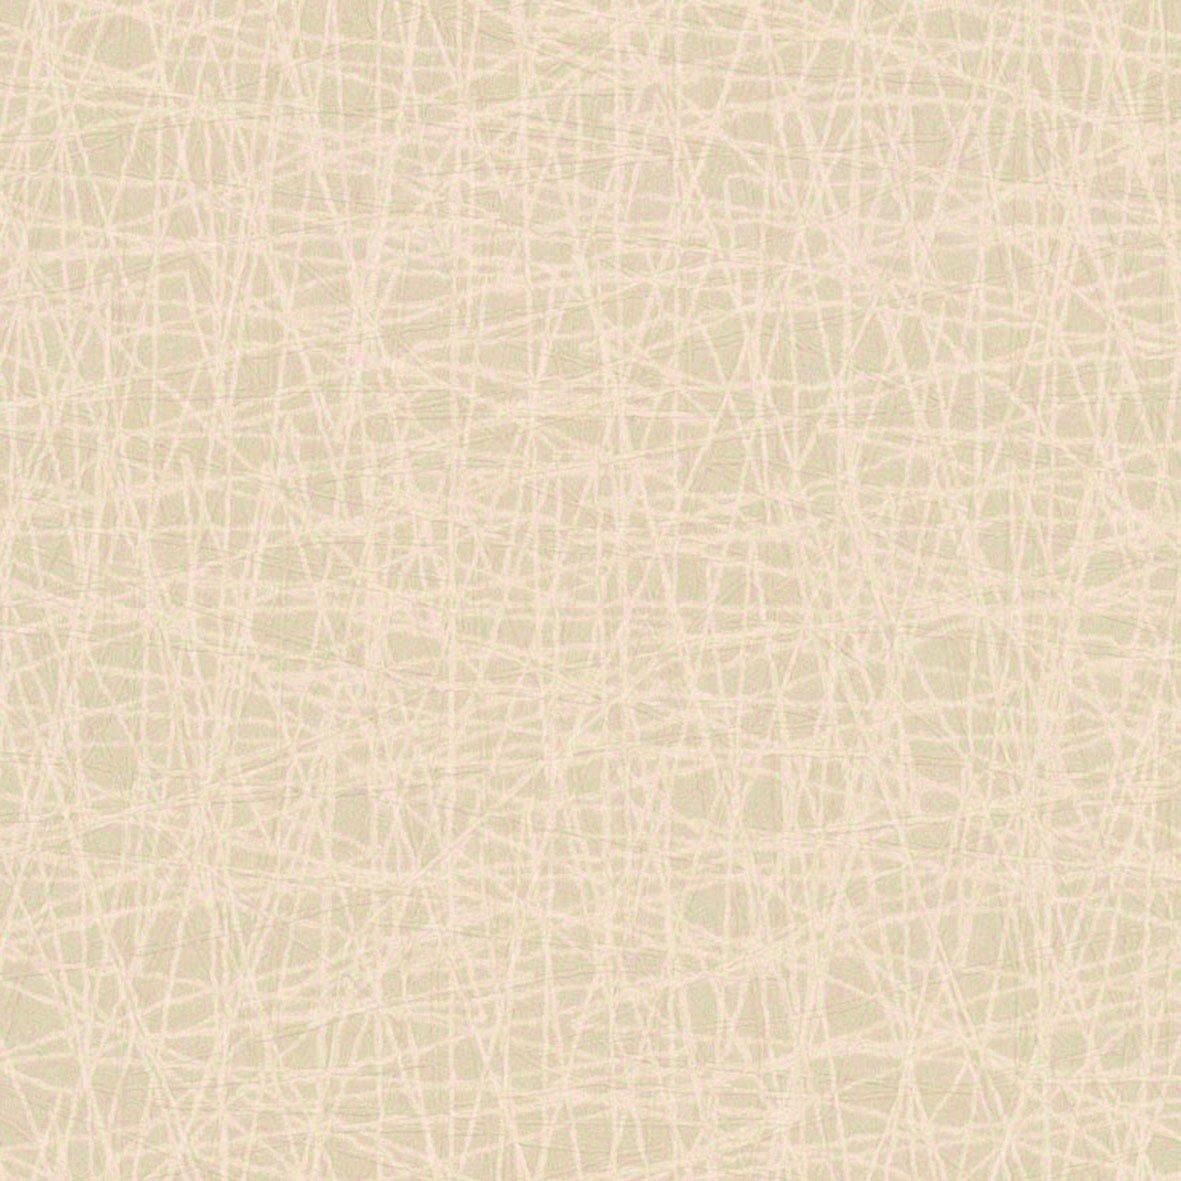 リリカラ 壁紙20m 和 無地 ベージュ LL-8583 B01MSJA4ZL 20m|ベージュ